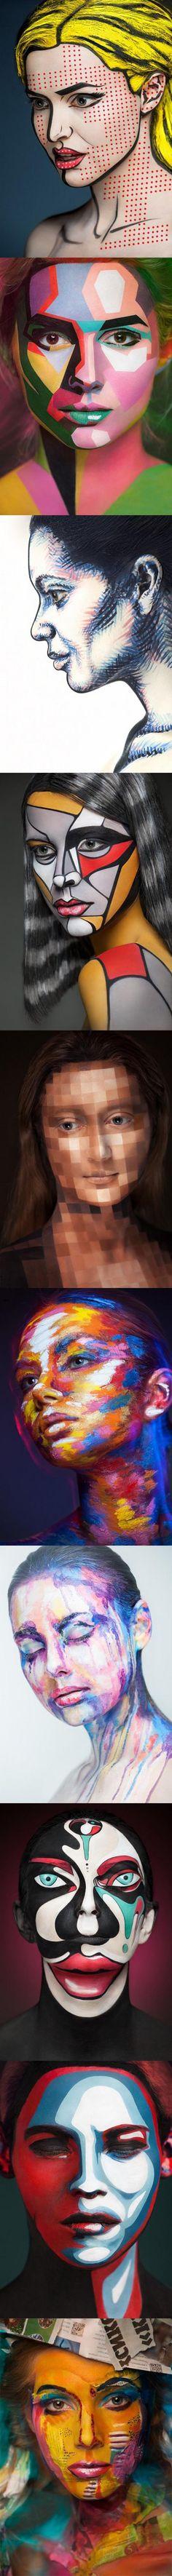 Hermosas fotografías de mujeres con caras pintadas perfectamente @ www.elmemeno.com